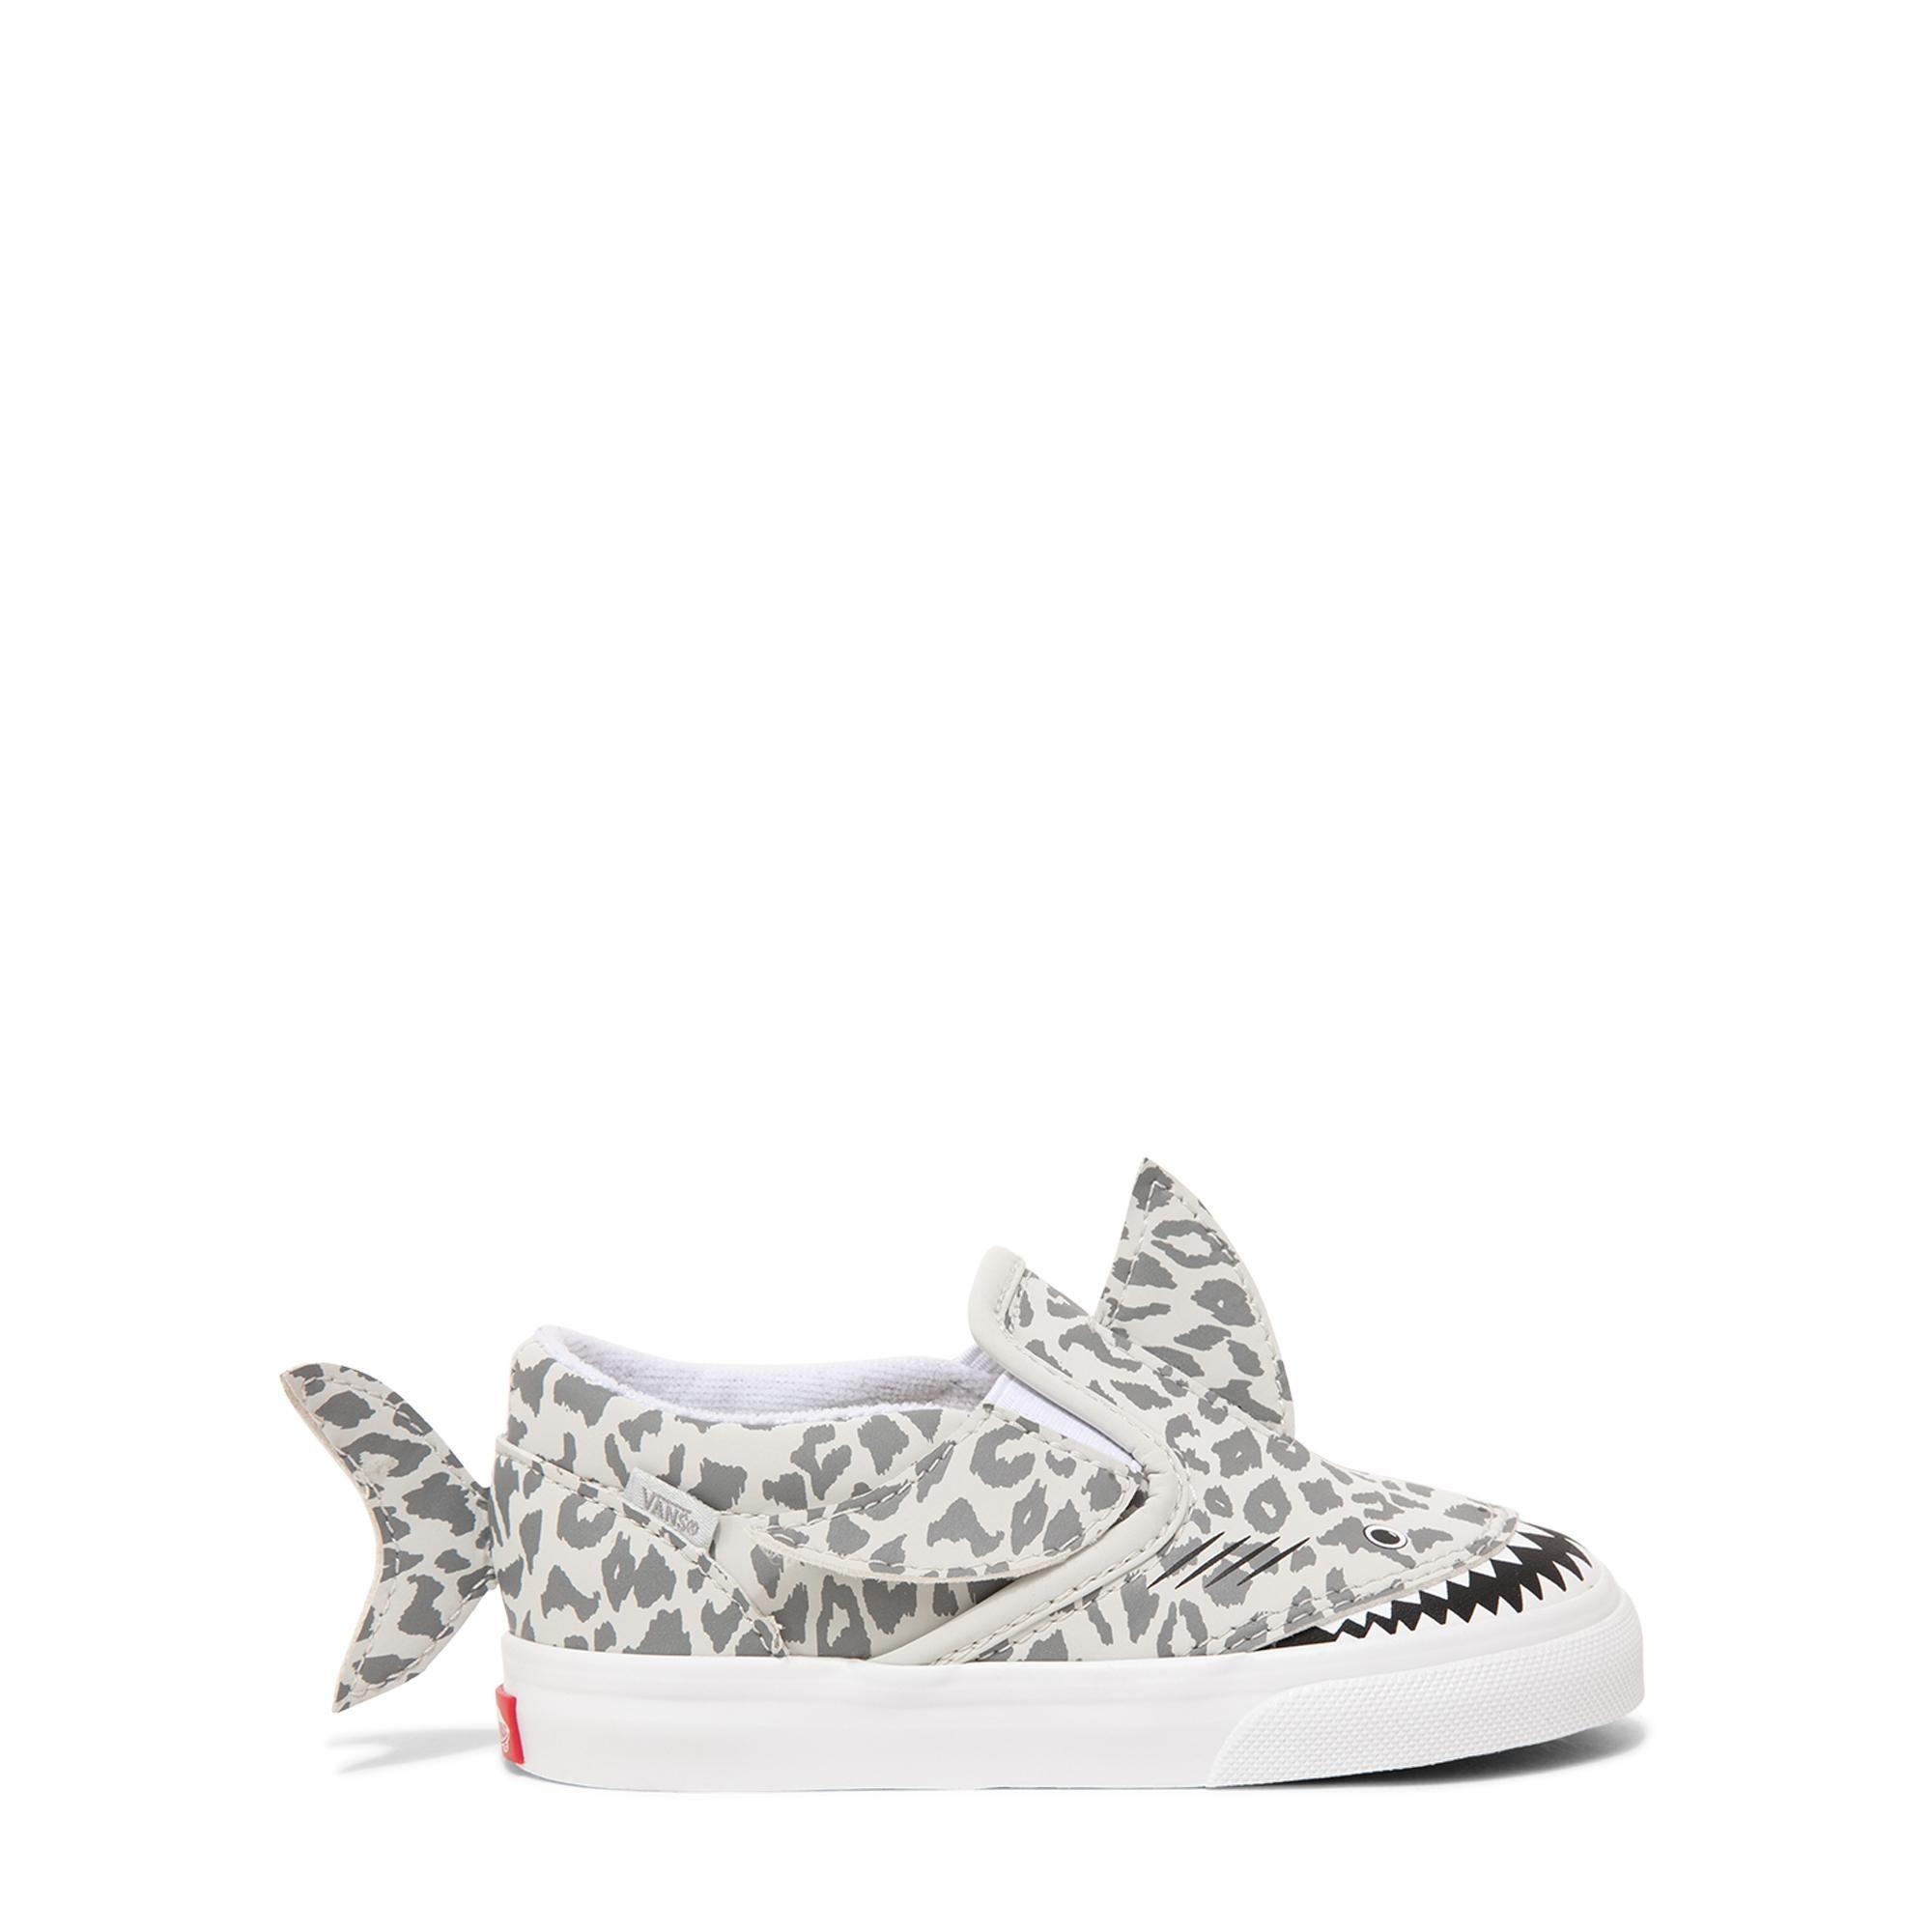 Shark slip-on sneakers